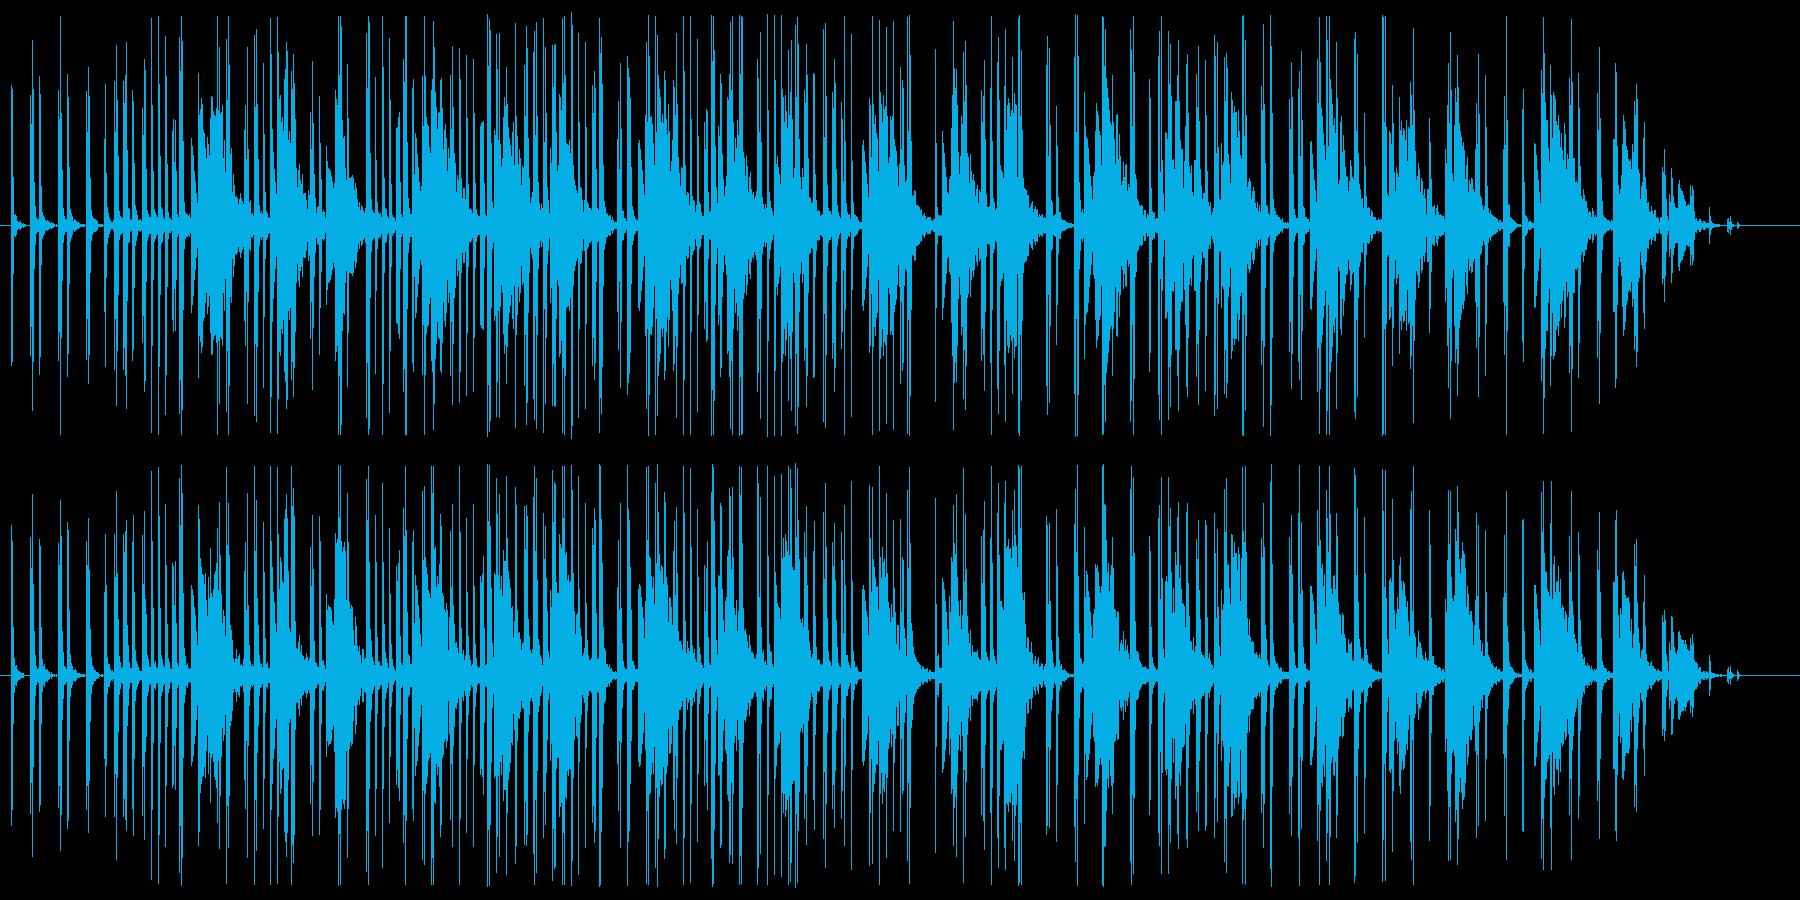 ピタゴラスイッチ的ミニマルでシンプル楽曲の再生済みの波形